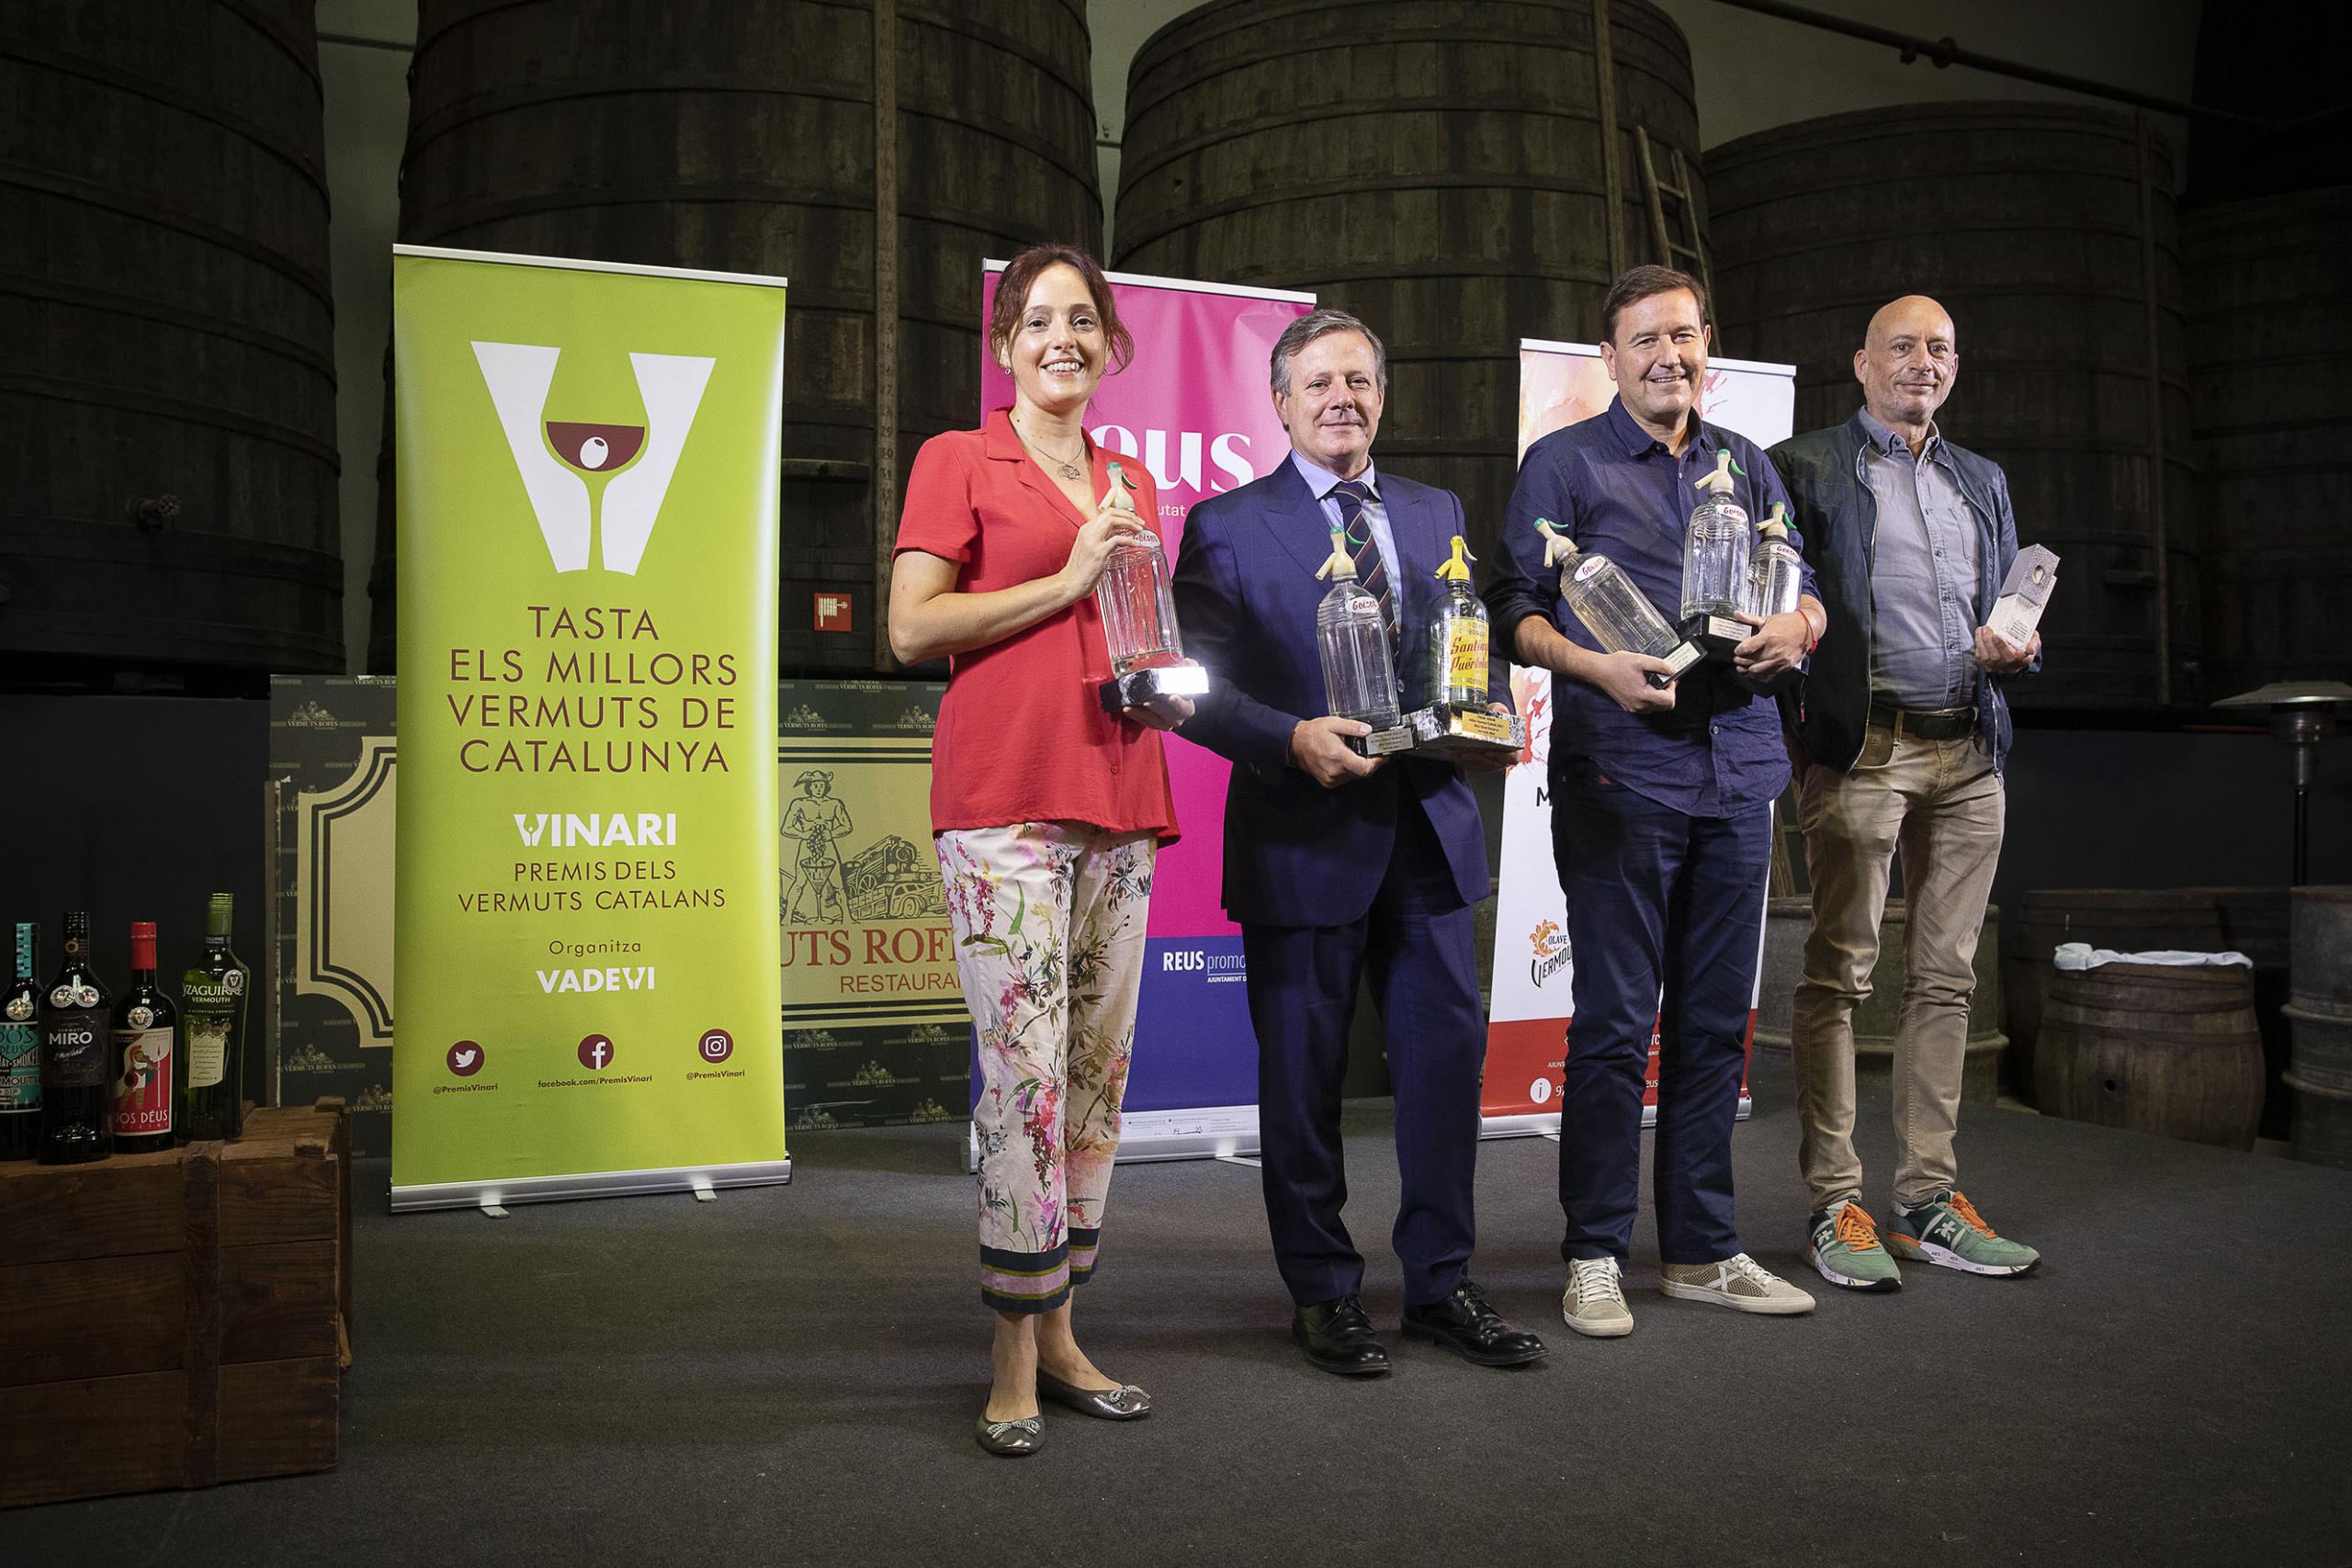 Lliurament del VII Premis Vinari dels millors vermuts catalans |Jordi Play